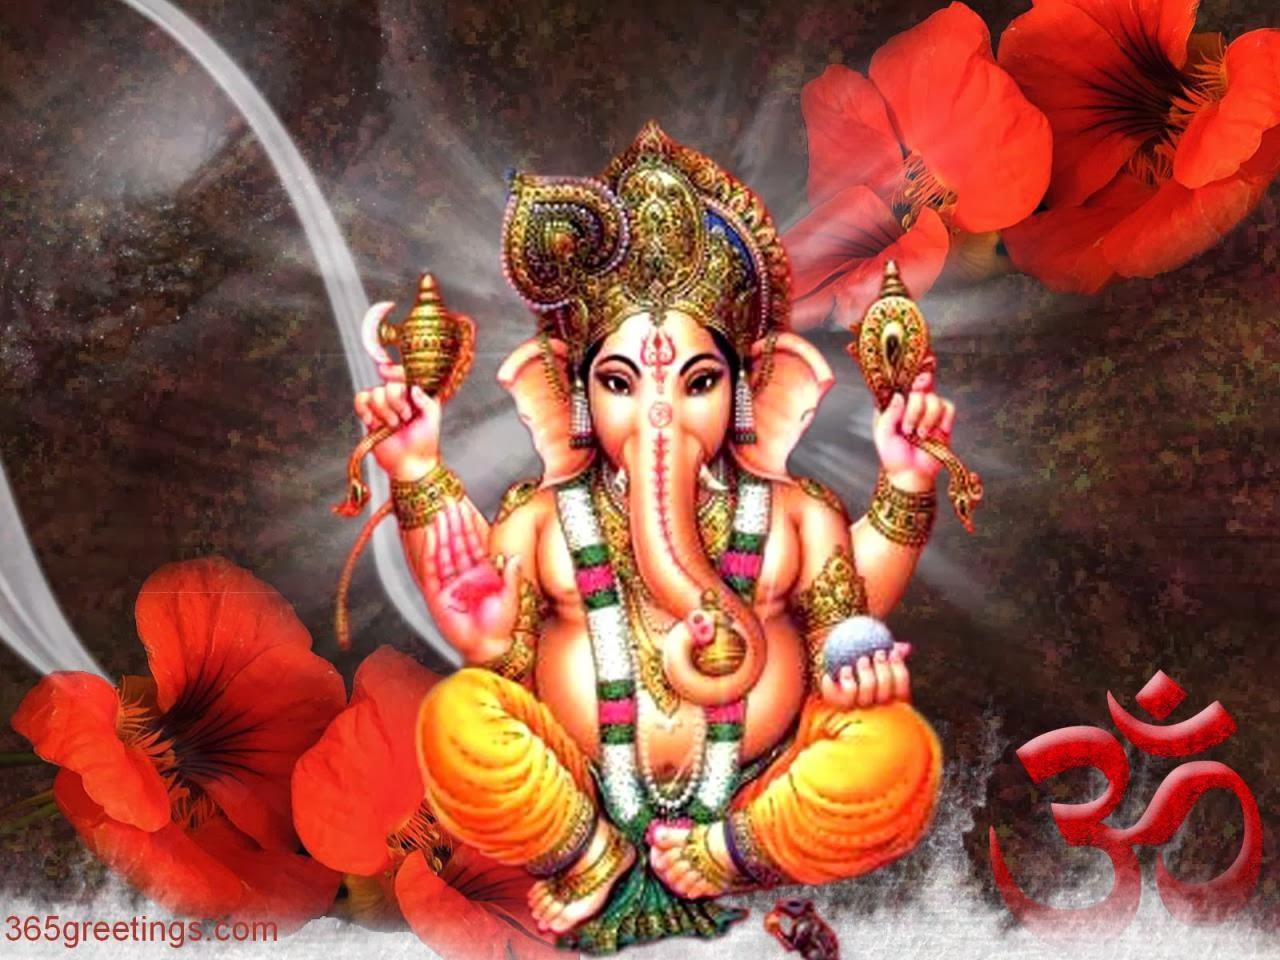 lord ganesha hd wallpapers images bhagwan wallpapers